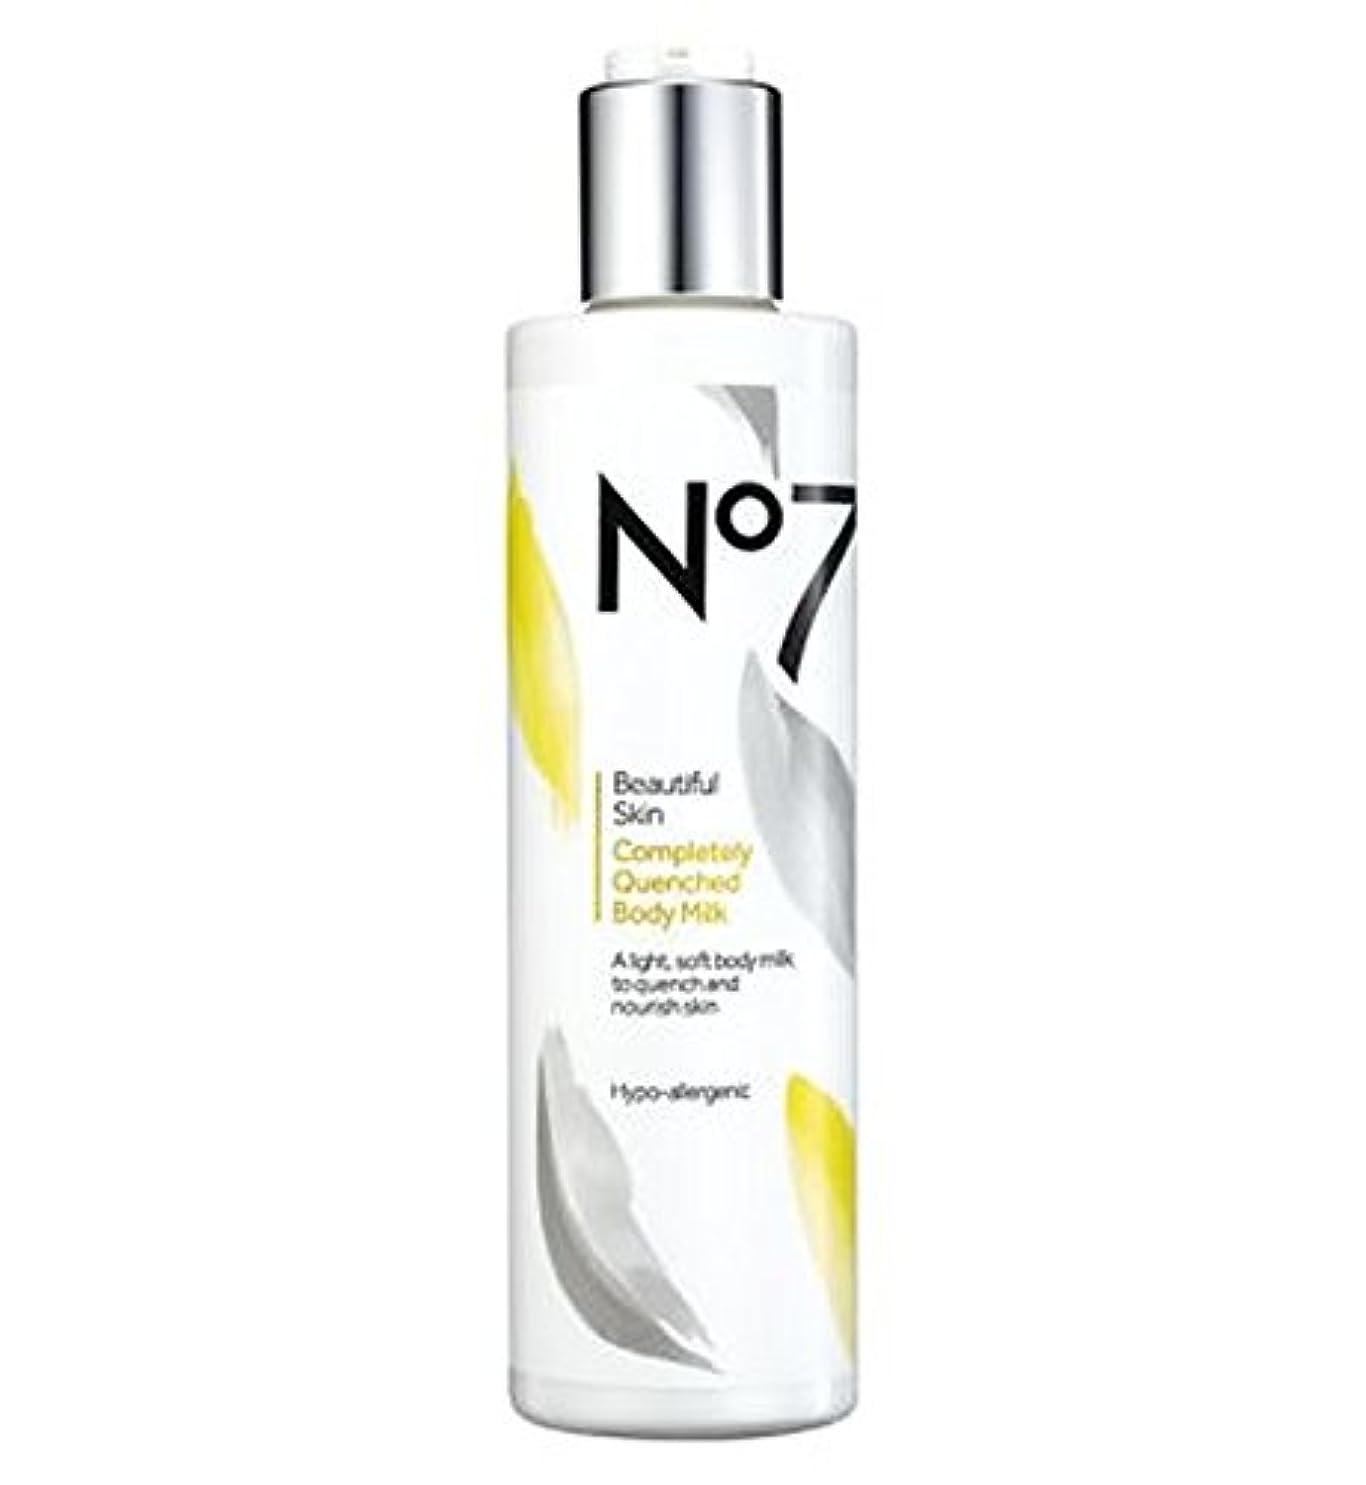 ベル放置渦No7 Beautiful Skin Completely Quenched Body Milk - No7美しい肌完全に急冷ボディミルク (No7) [並行輸入品]